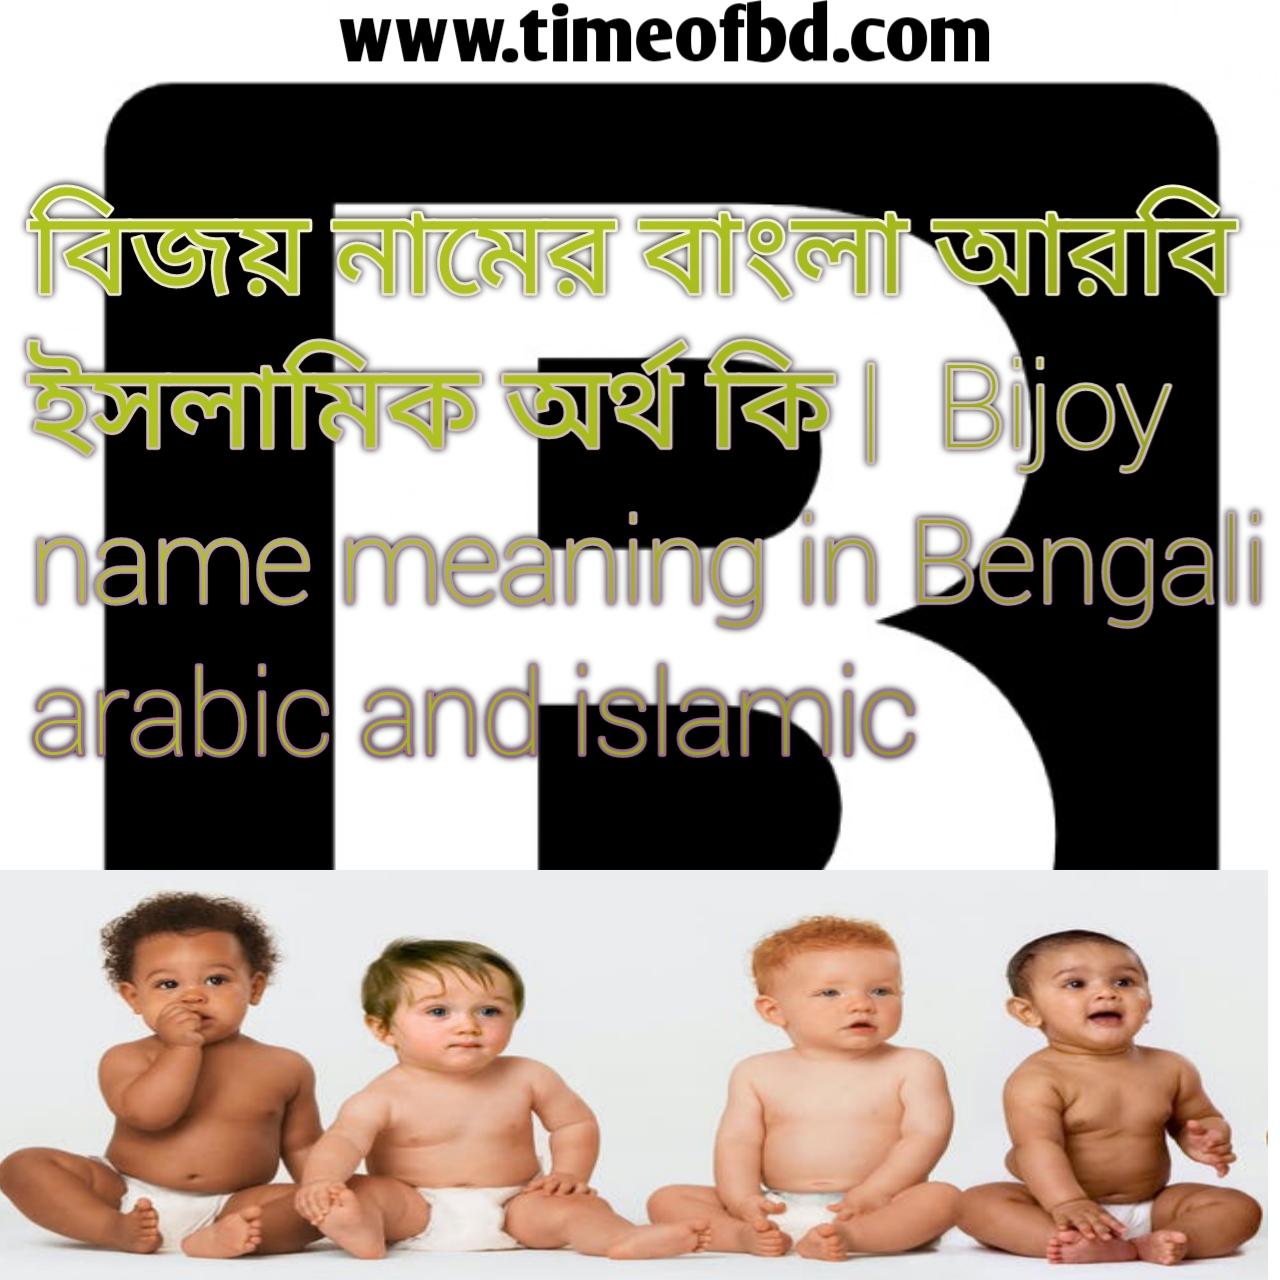 বিজয় নামের অর্থ কি, বিজয় নামের বাংলা অর্থ কি, বিজয় নামের ইসলামিক অর্থ কি,  Bijoy name in Bengali, বিজয় কি ইসলামিক নাম,